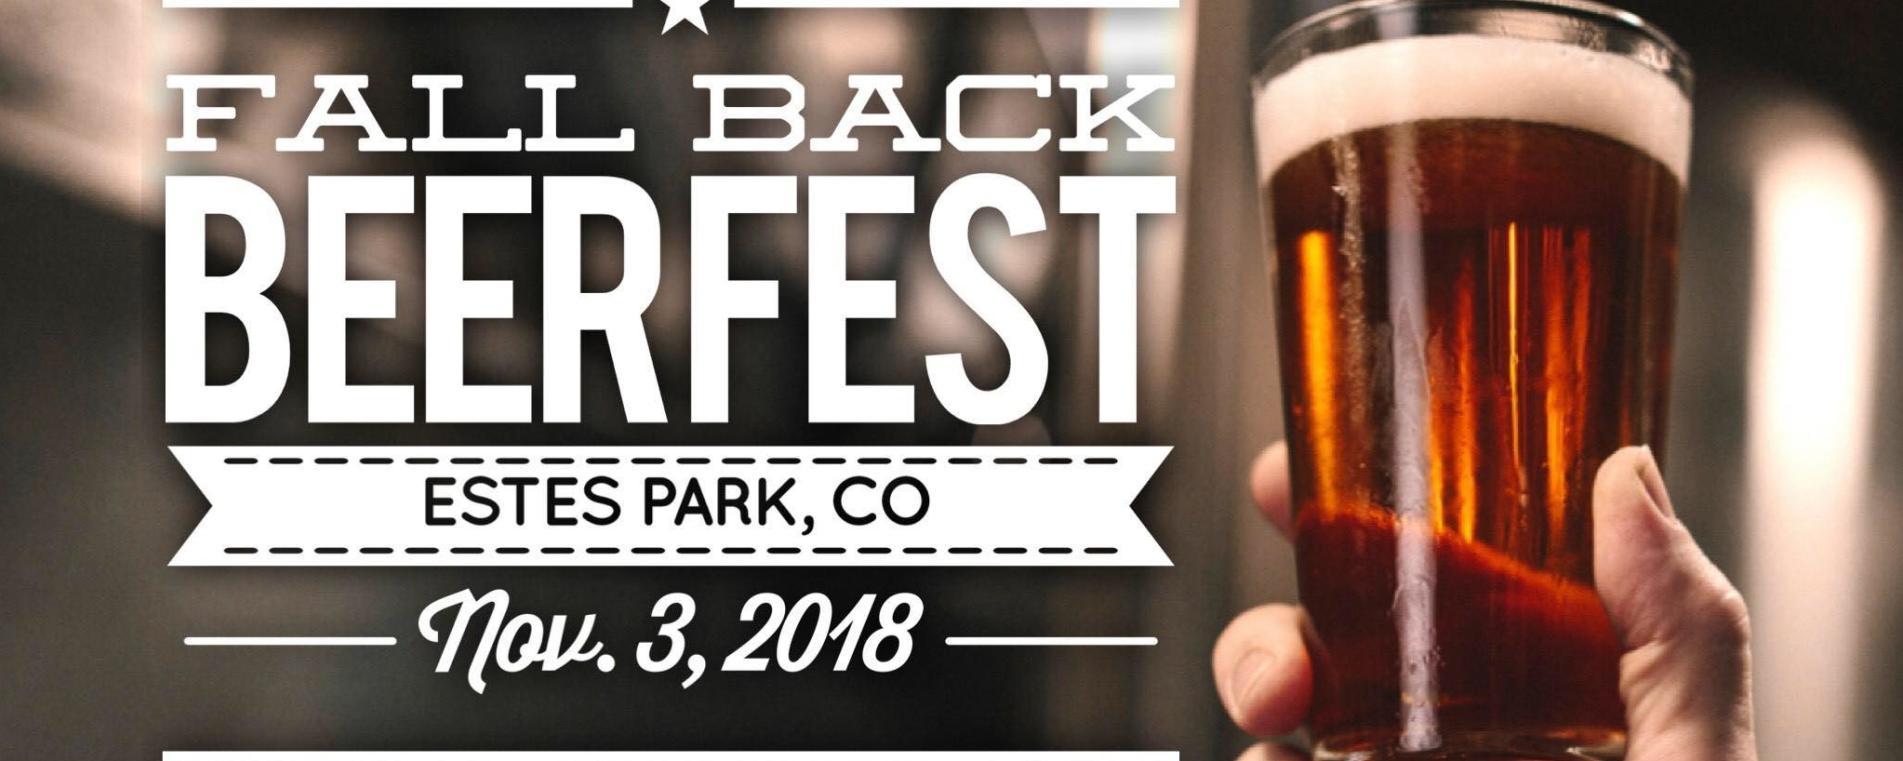 Fall Back Beer Fest 2018